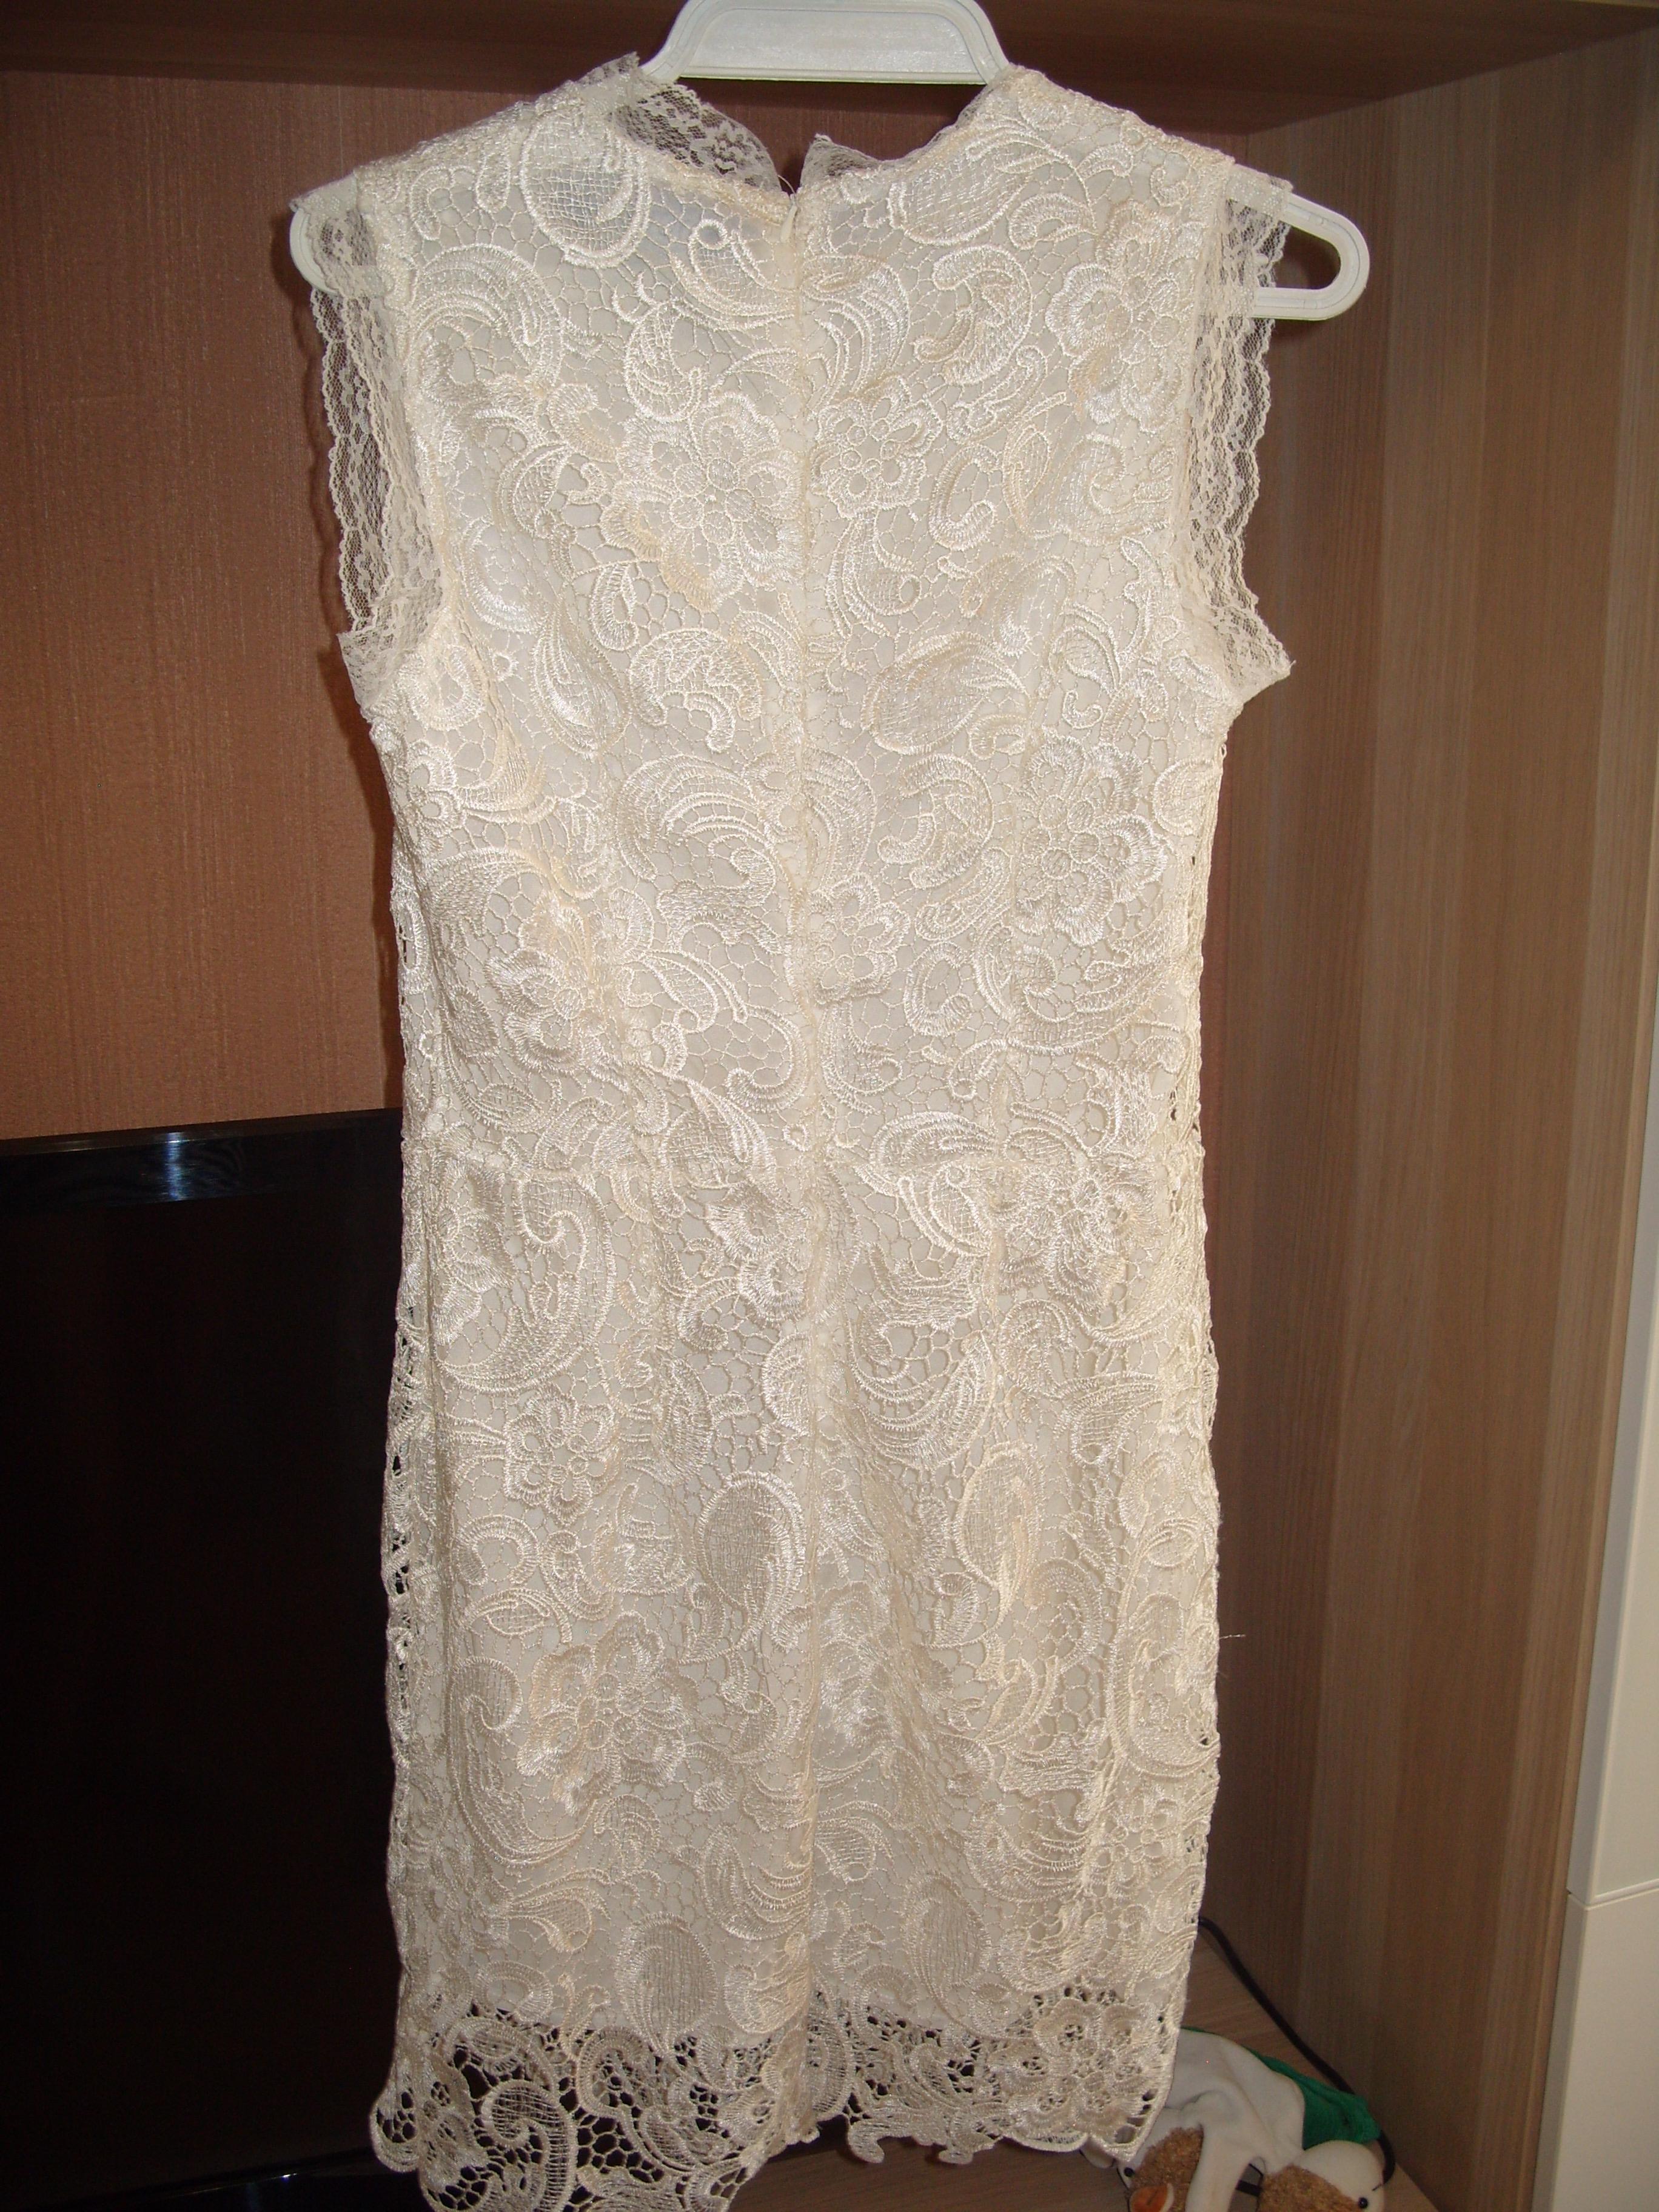 Предлагаю два новых платья кружевное цвета айвори и платье-сарафанчик бело-синее. Размер 42